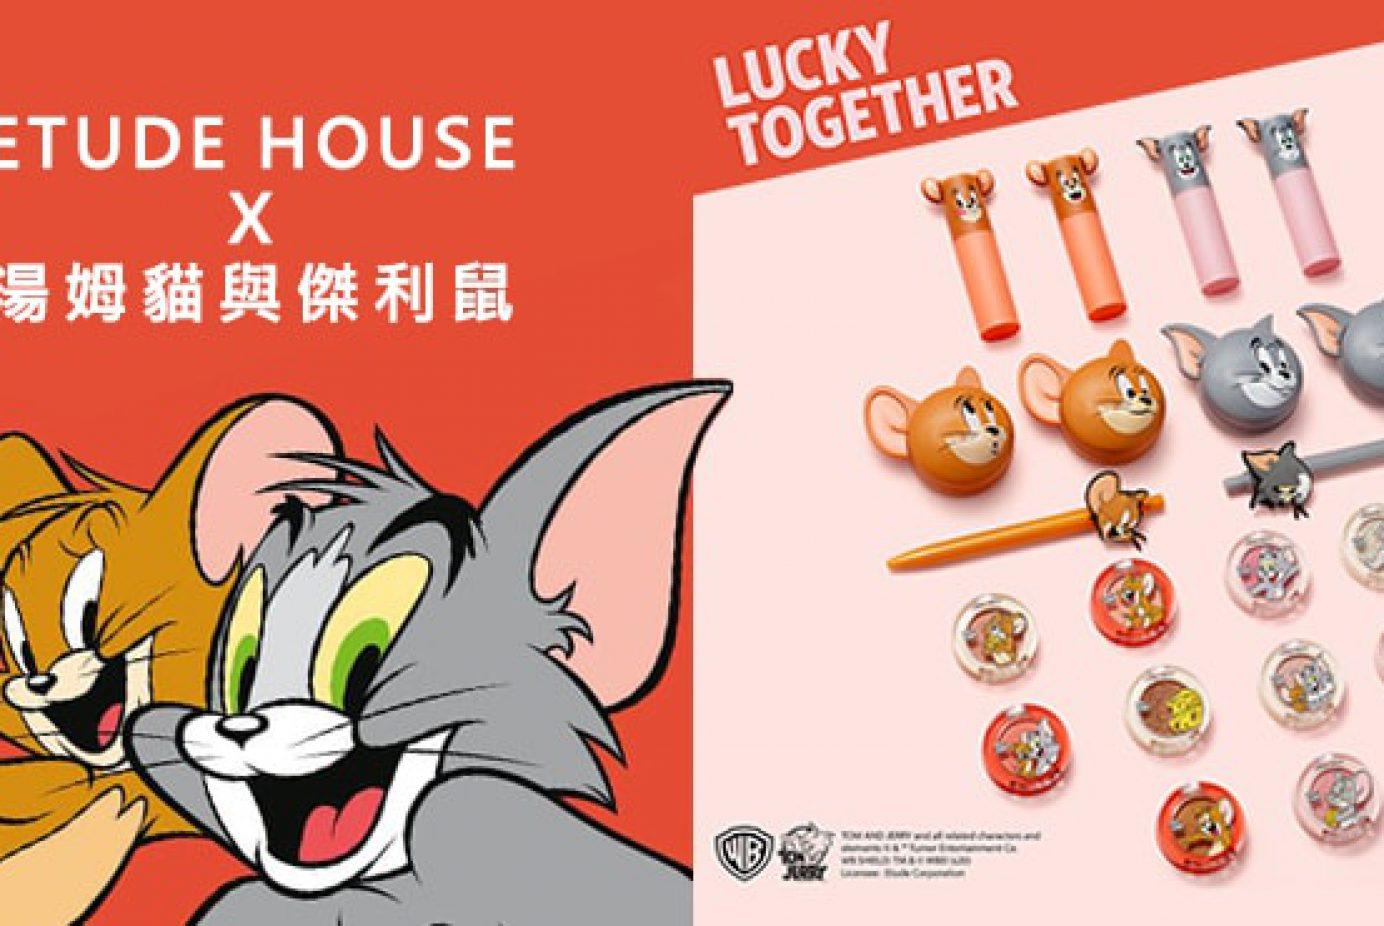 【鼠年2020好應景!】ETUDE HOUSEX湯姆貓與傑利鼠聯名彩妝,連兩波你準備好了嗎?